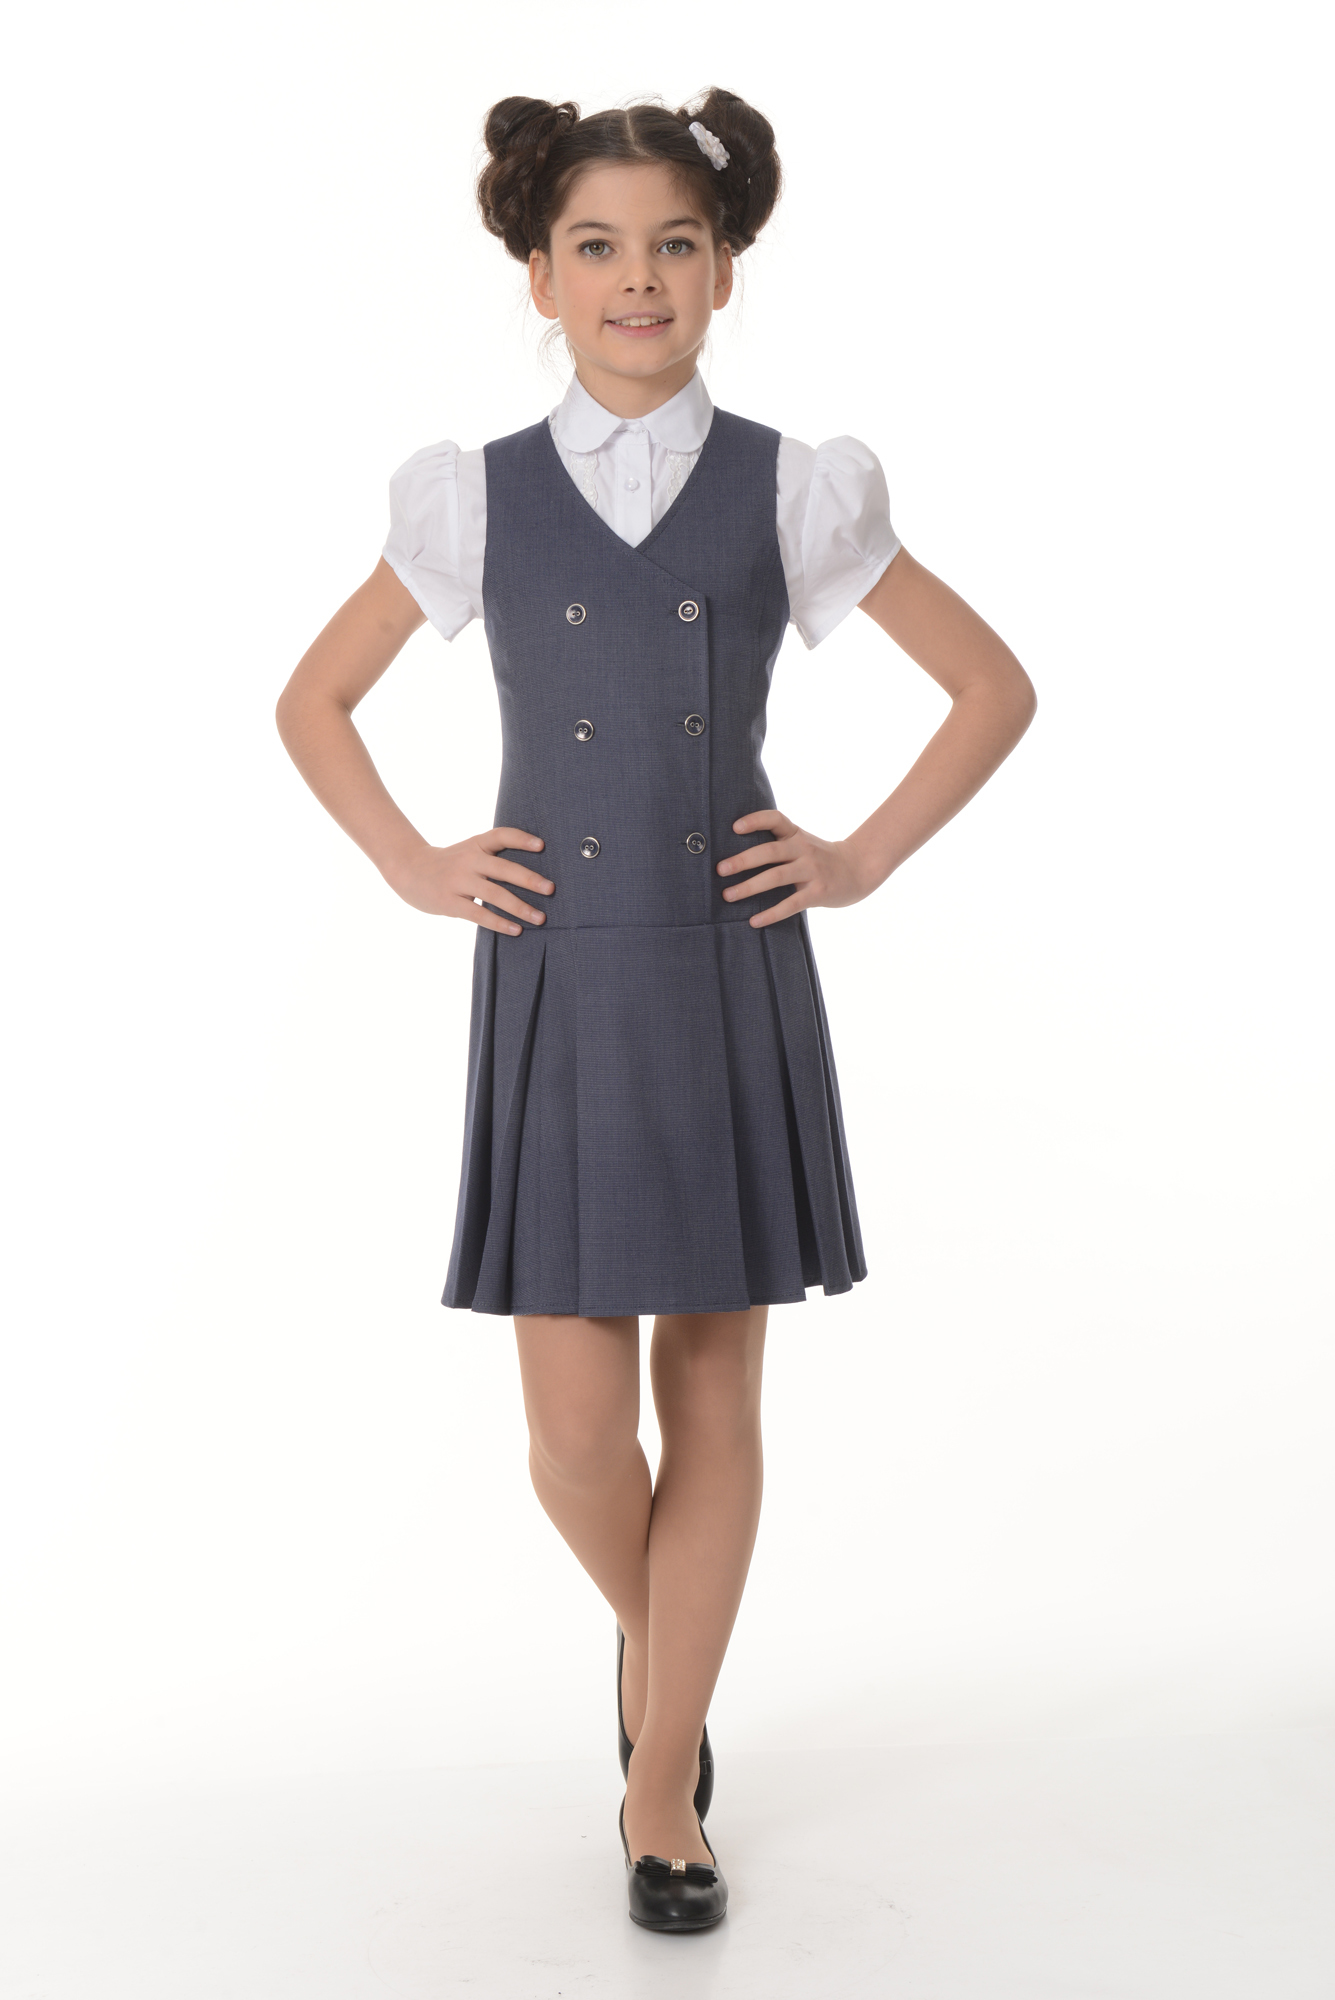 Купить Сарафан для девочек SkyLake ШФ-1147 Кембридж цв. синий, р. 28/128, Сарафаны для девочек